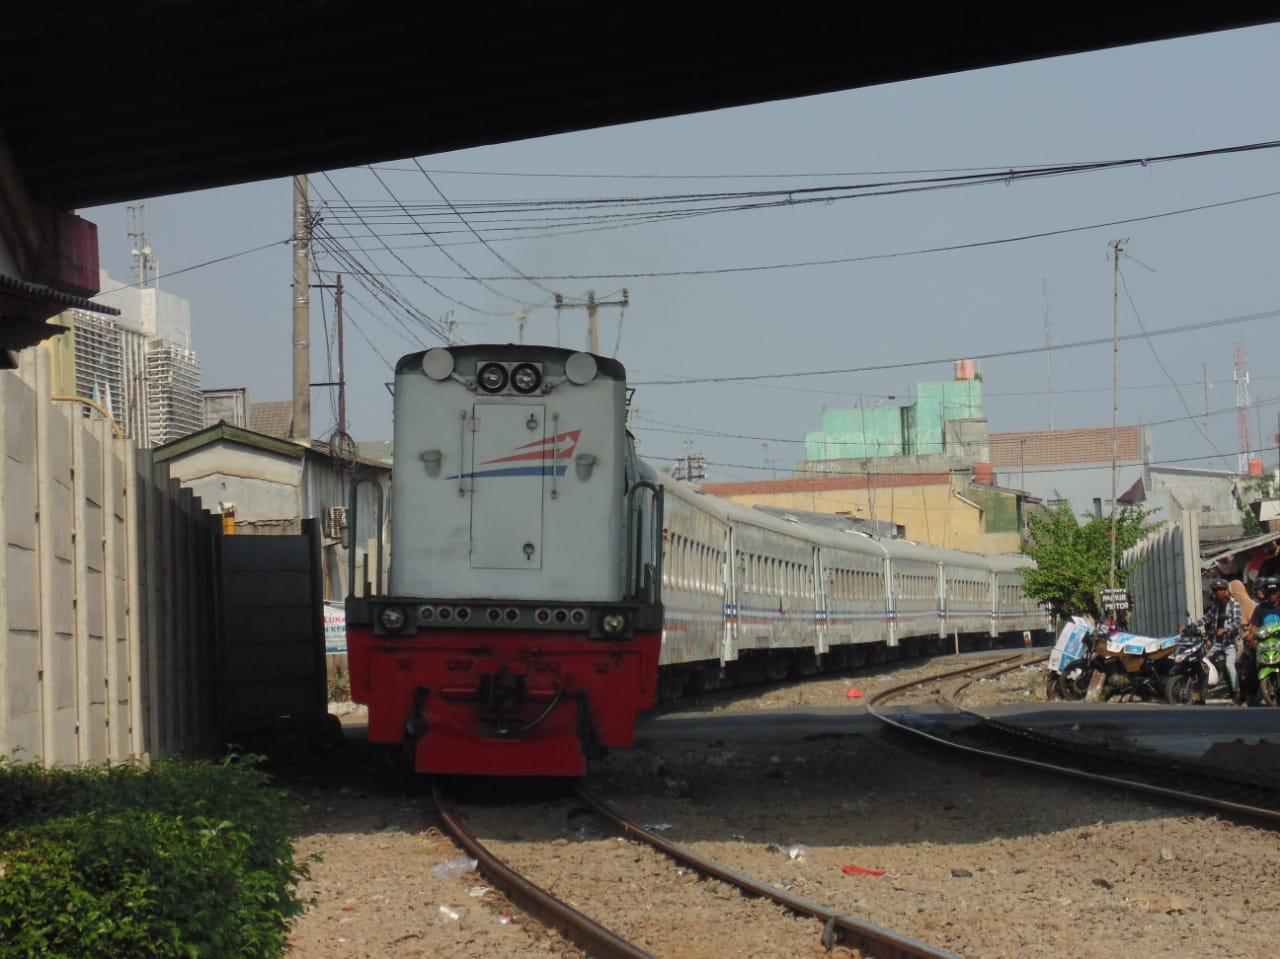 KA Walahar Ekspres dengan Lokomotif CC 203 98 09